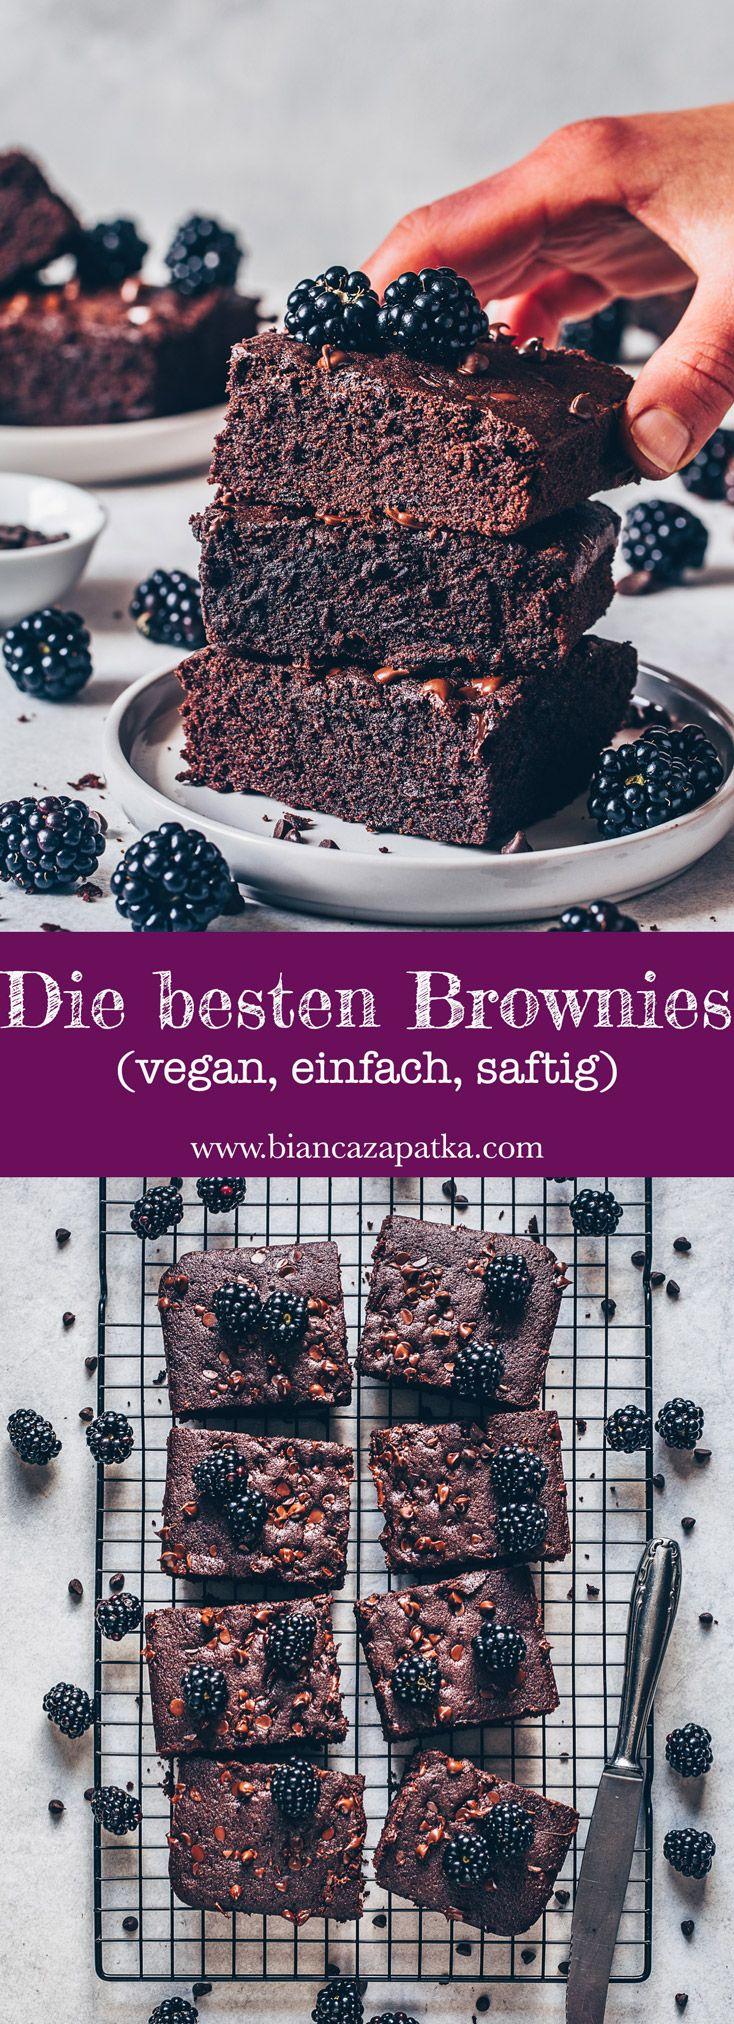 Die besten Brownies - vegan, einfach, saftig - Bianca Zapatka | Rezepte